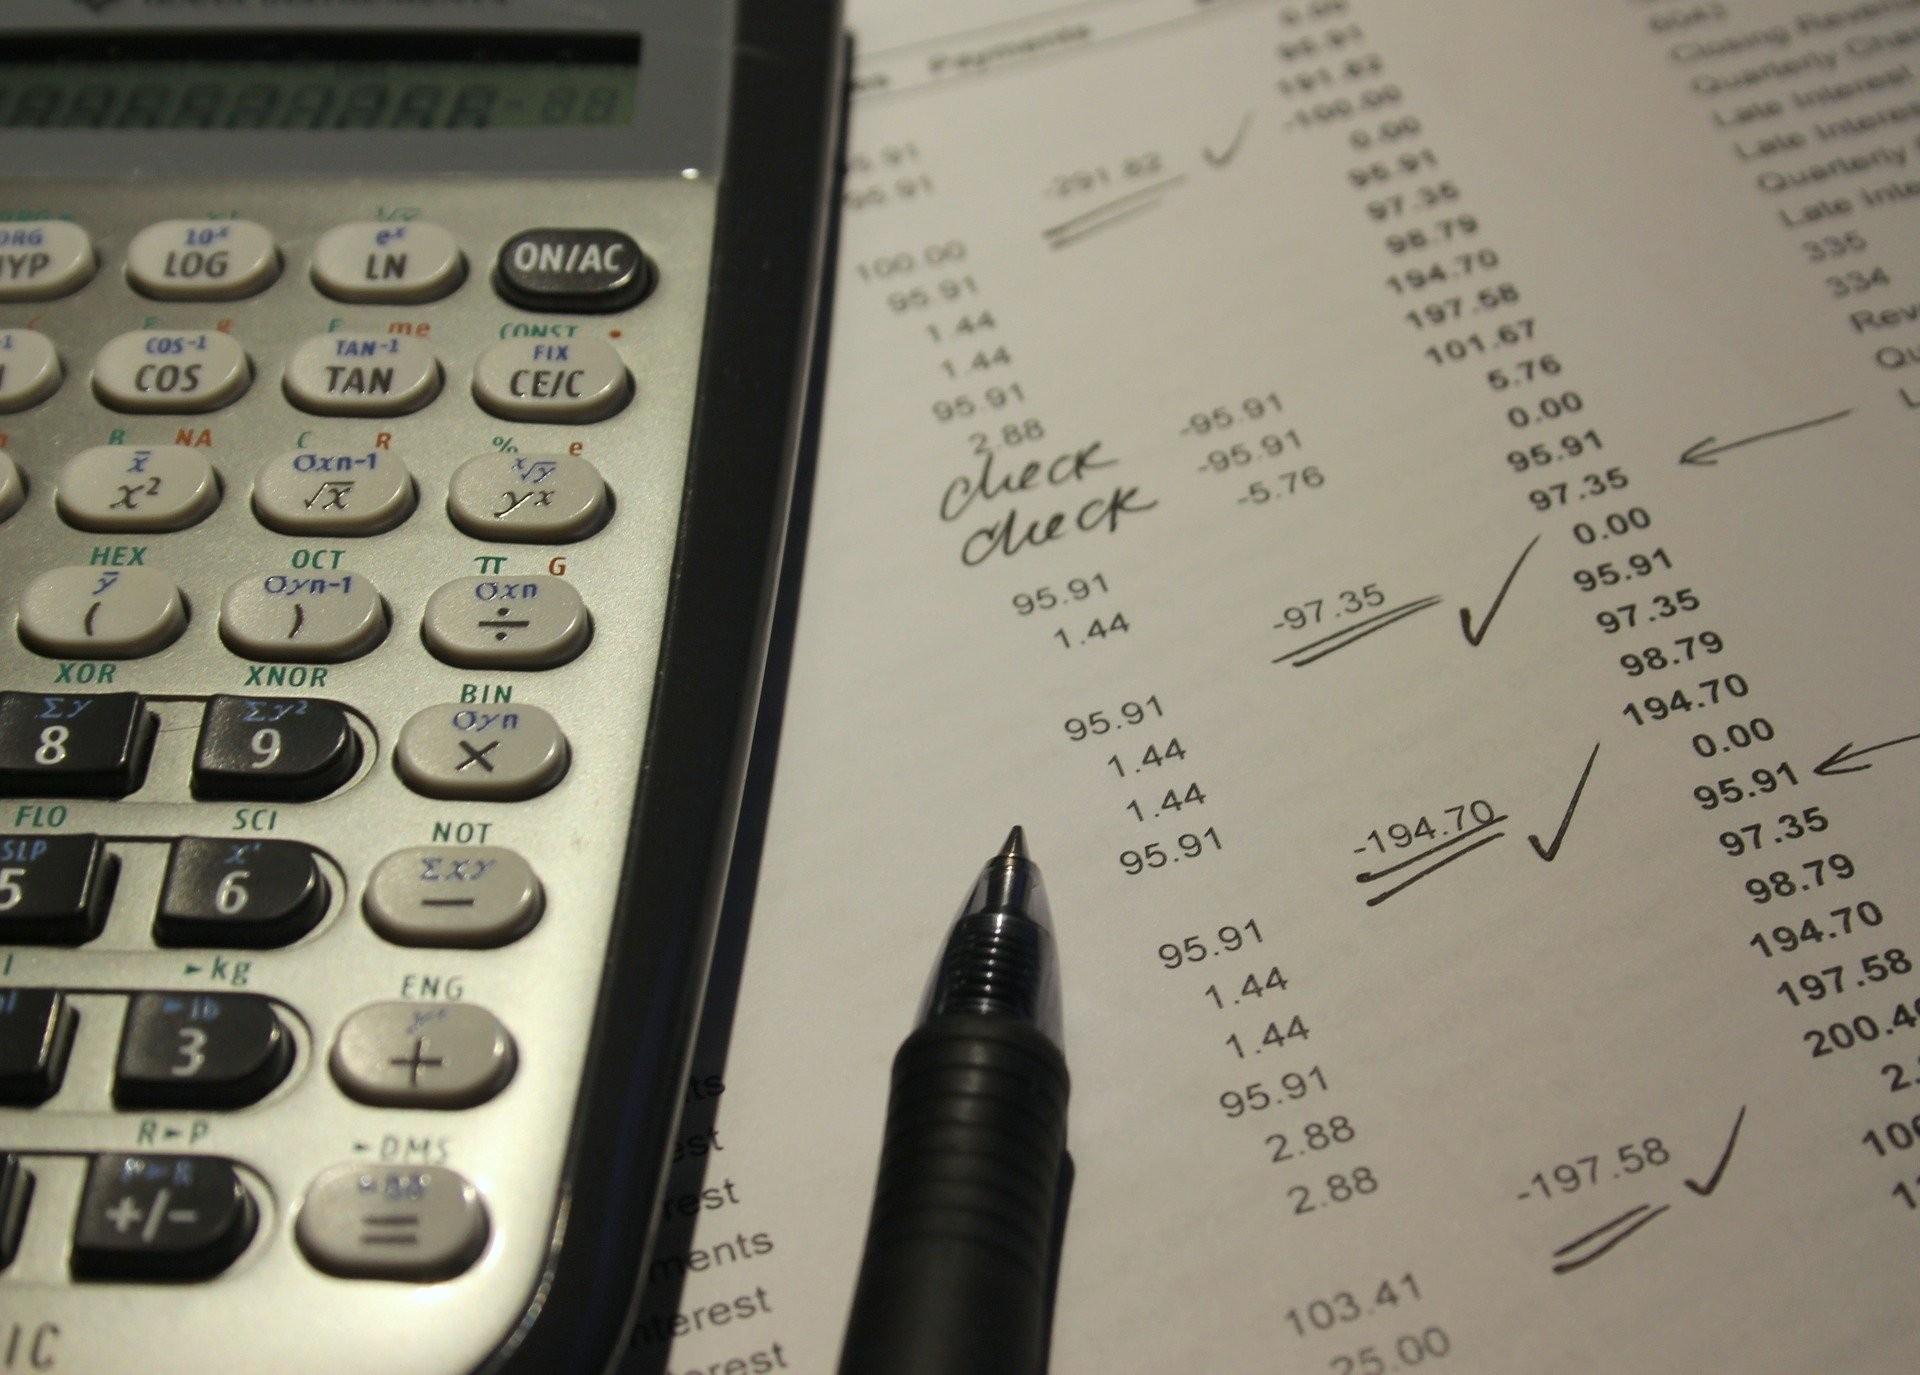 PMEs buscam crédito perto do Natal para comprar matérias-primas e pagar 13º salário